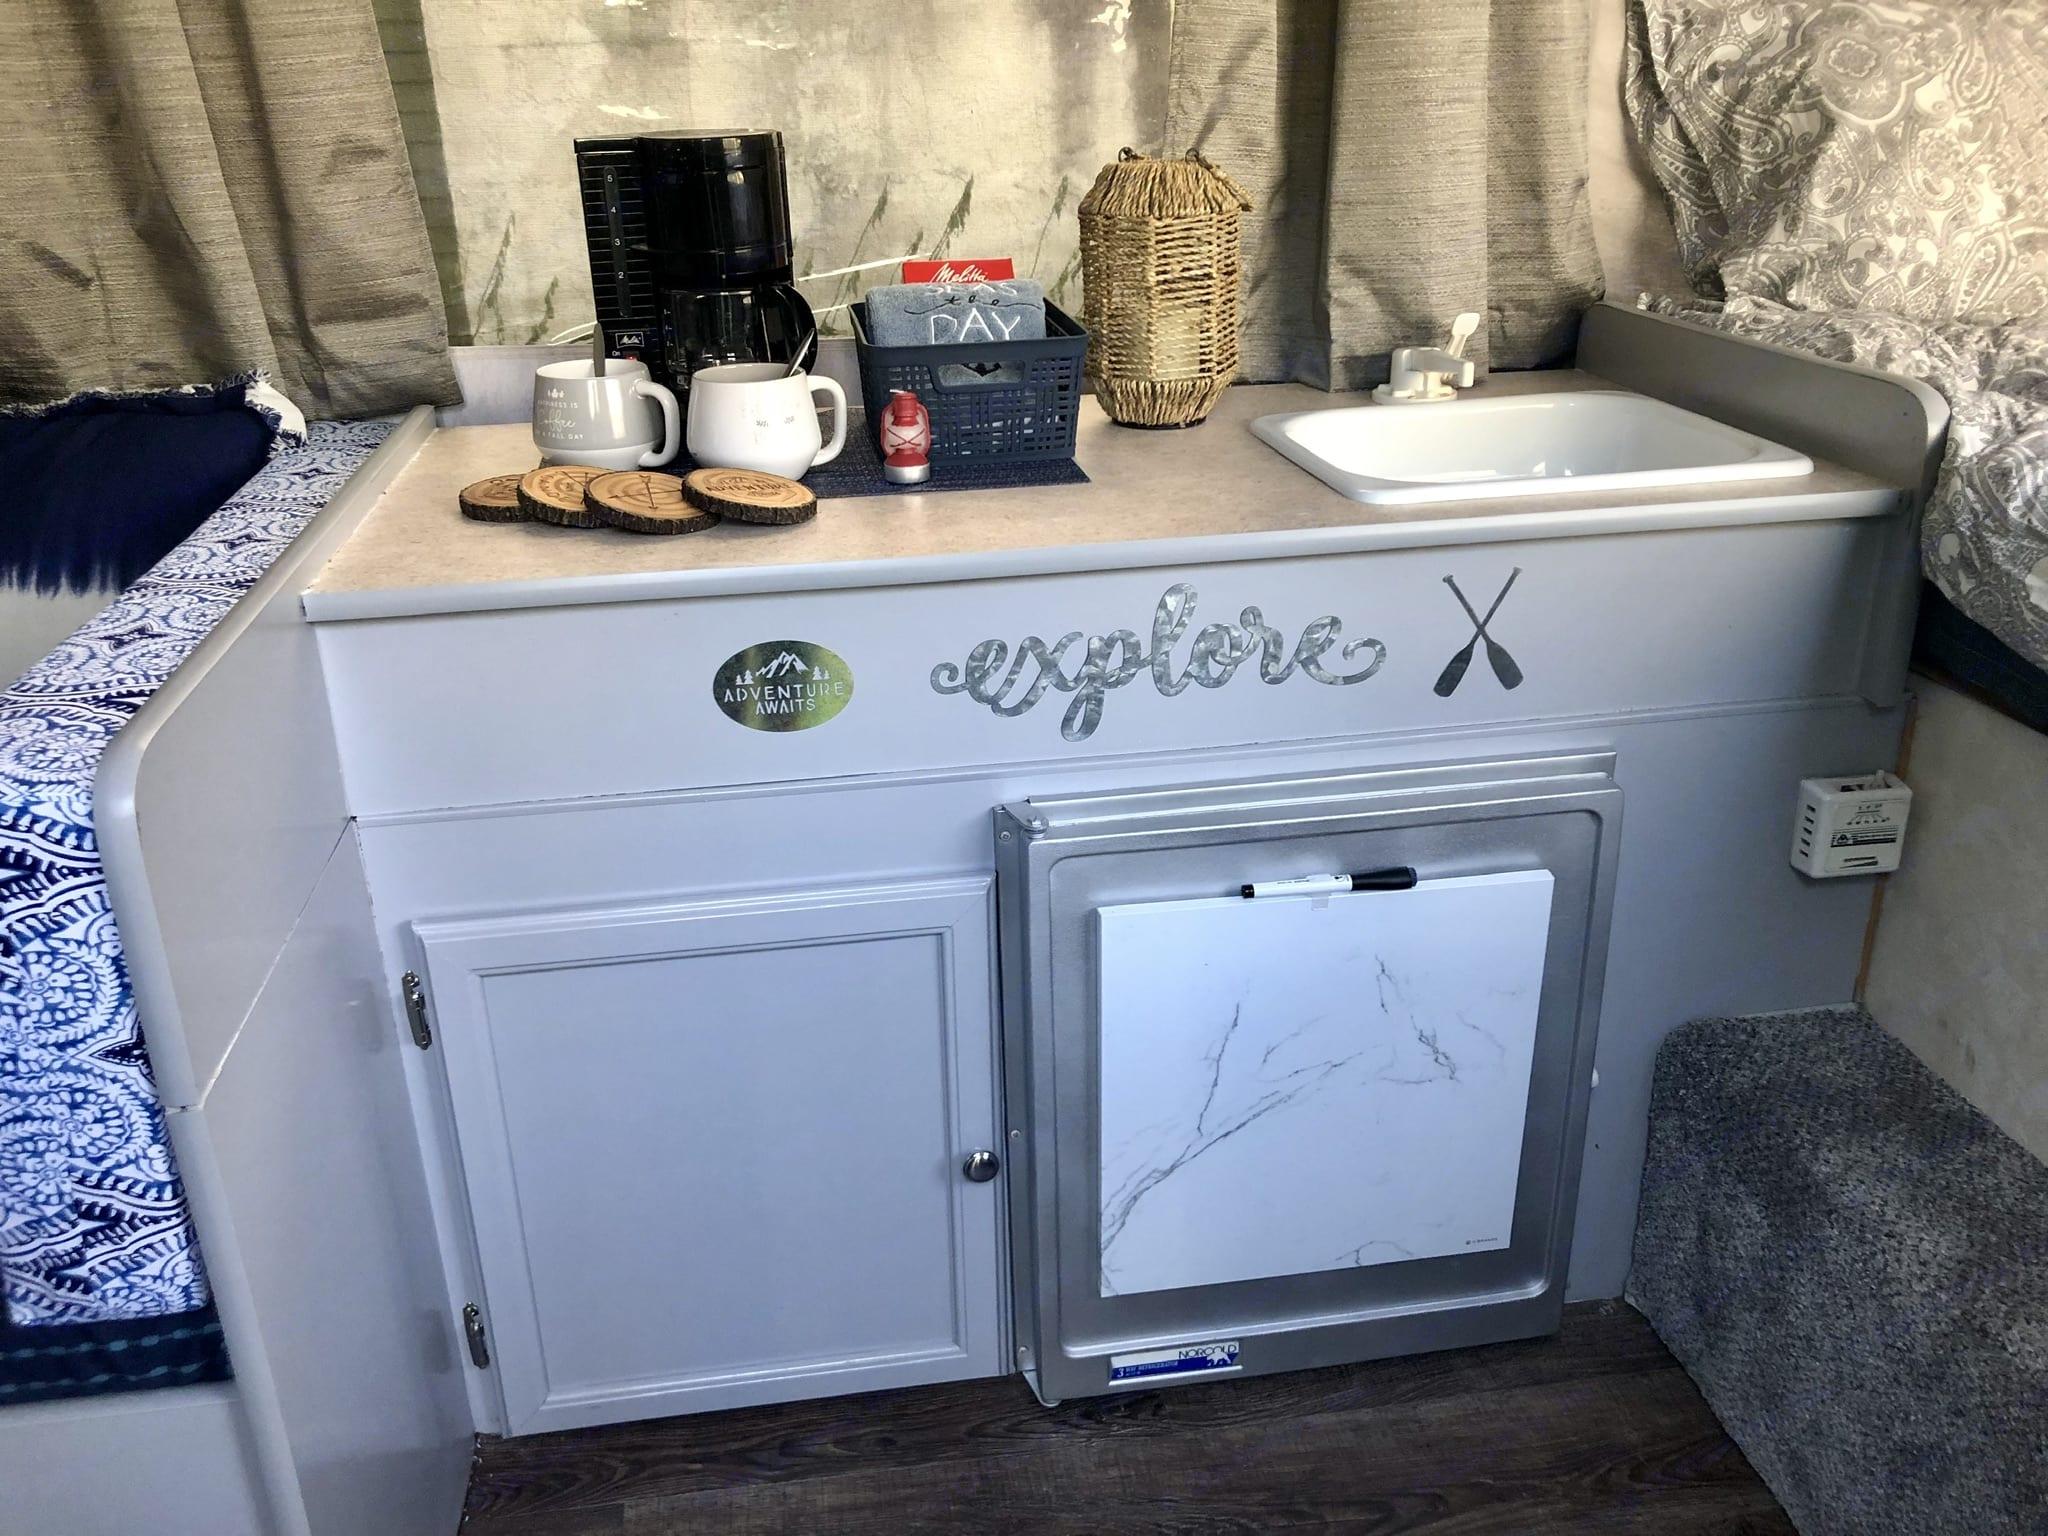 Small refrigerator. Aerolite Other 2002